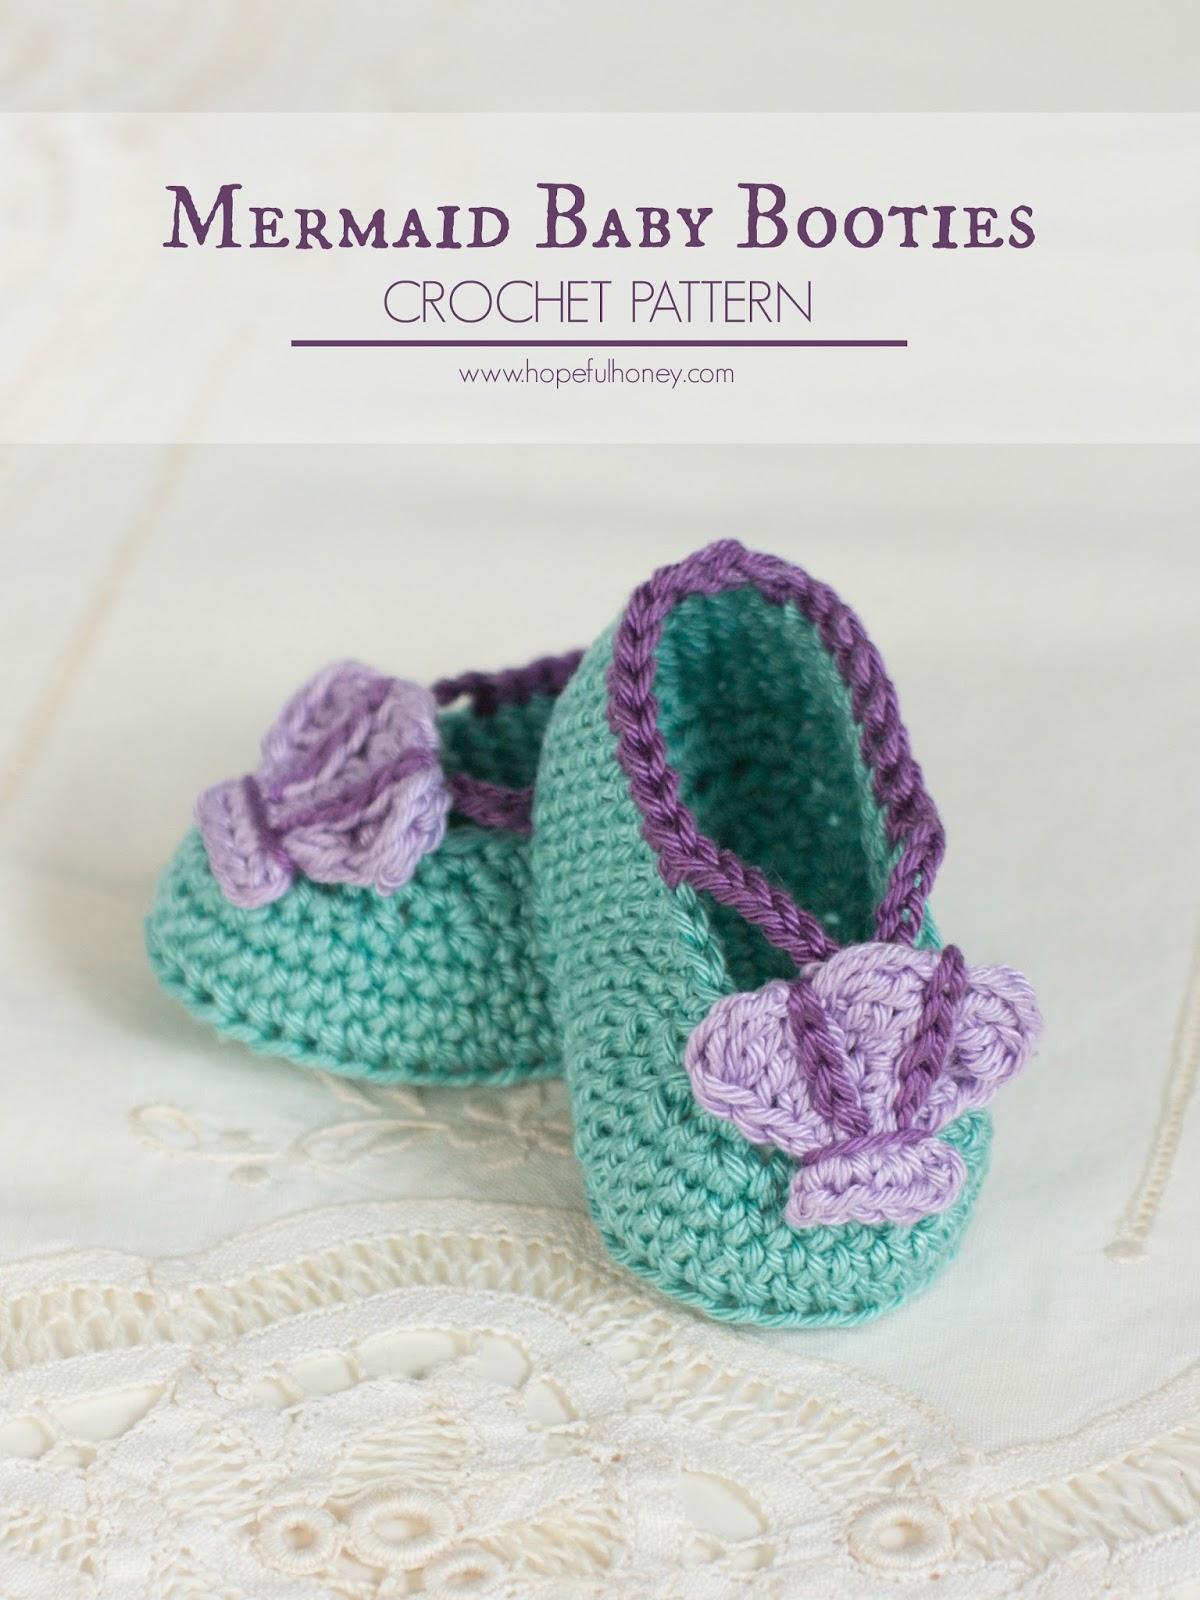 Free Crochet Pattern Newborn Mermaid : Hopeful Honey Craft, Crochet, Create: Mermaid Baby ...